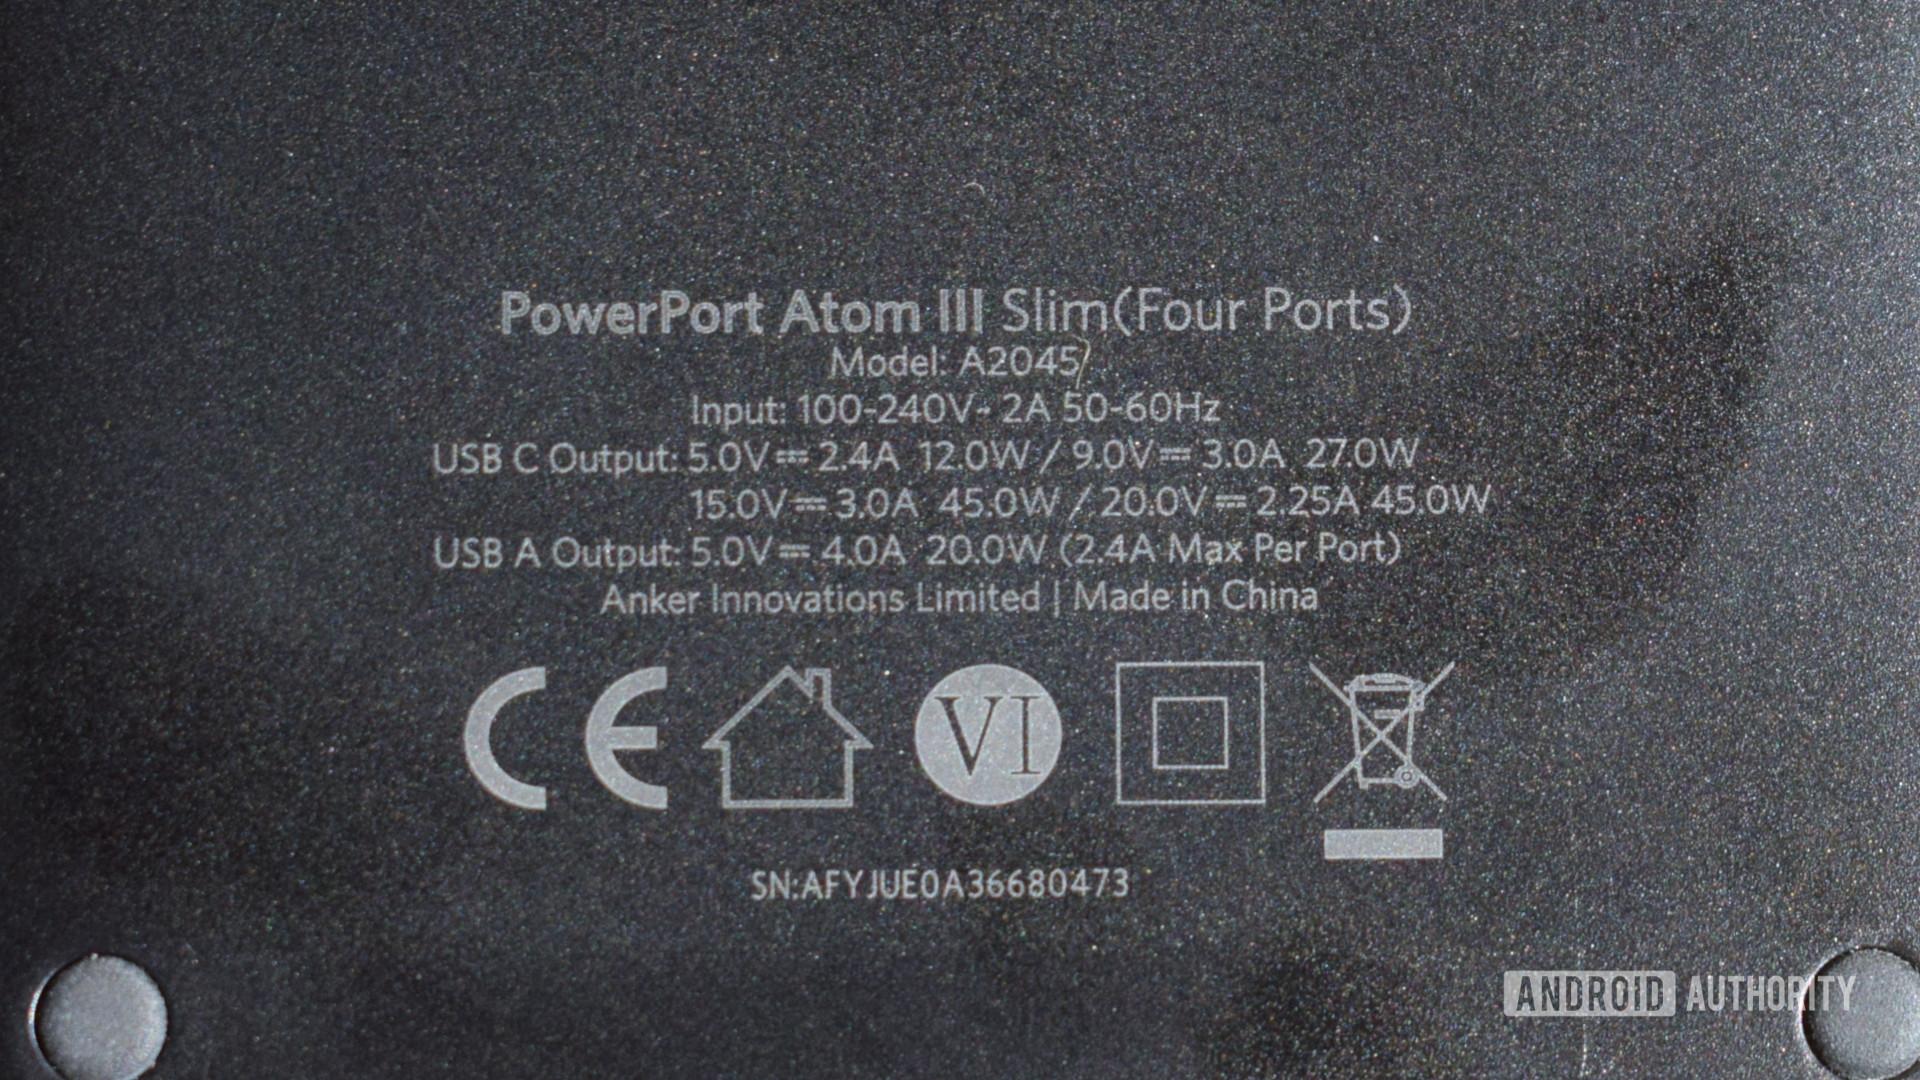 Anker PowerPort Atom III Slim specs